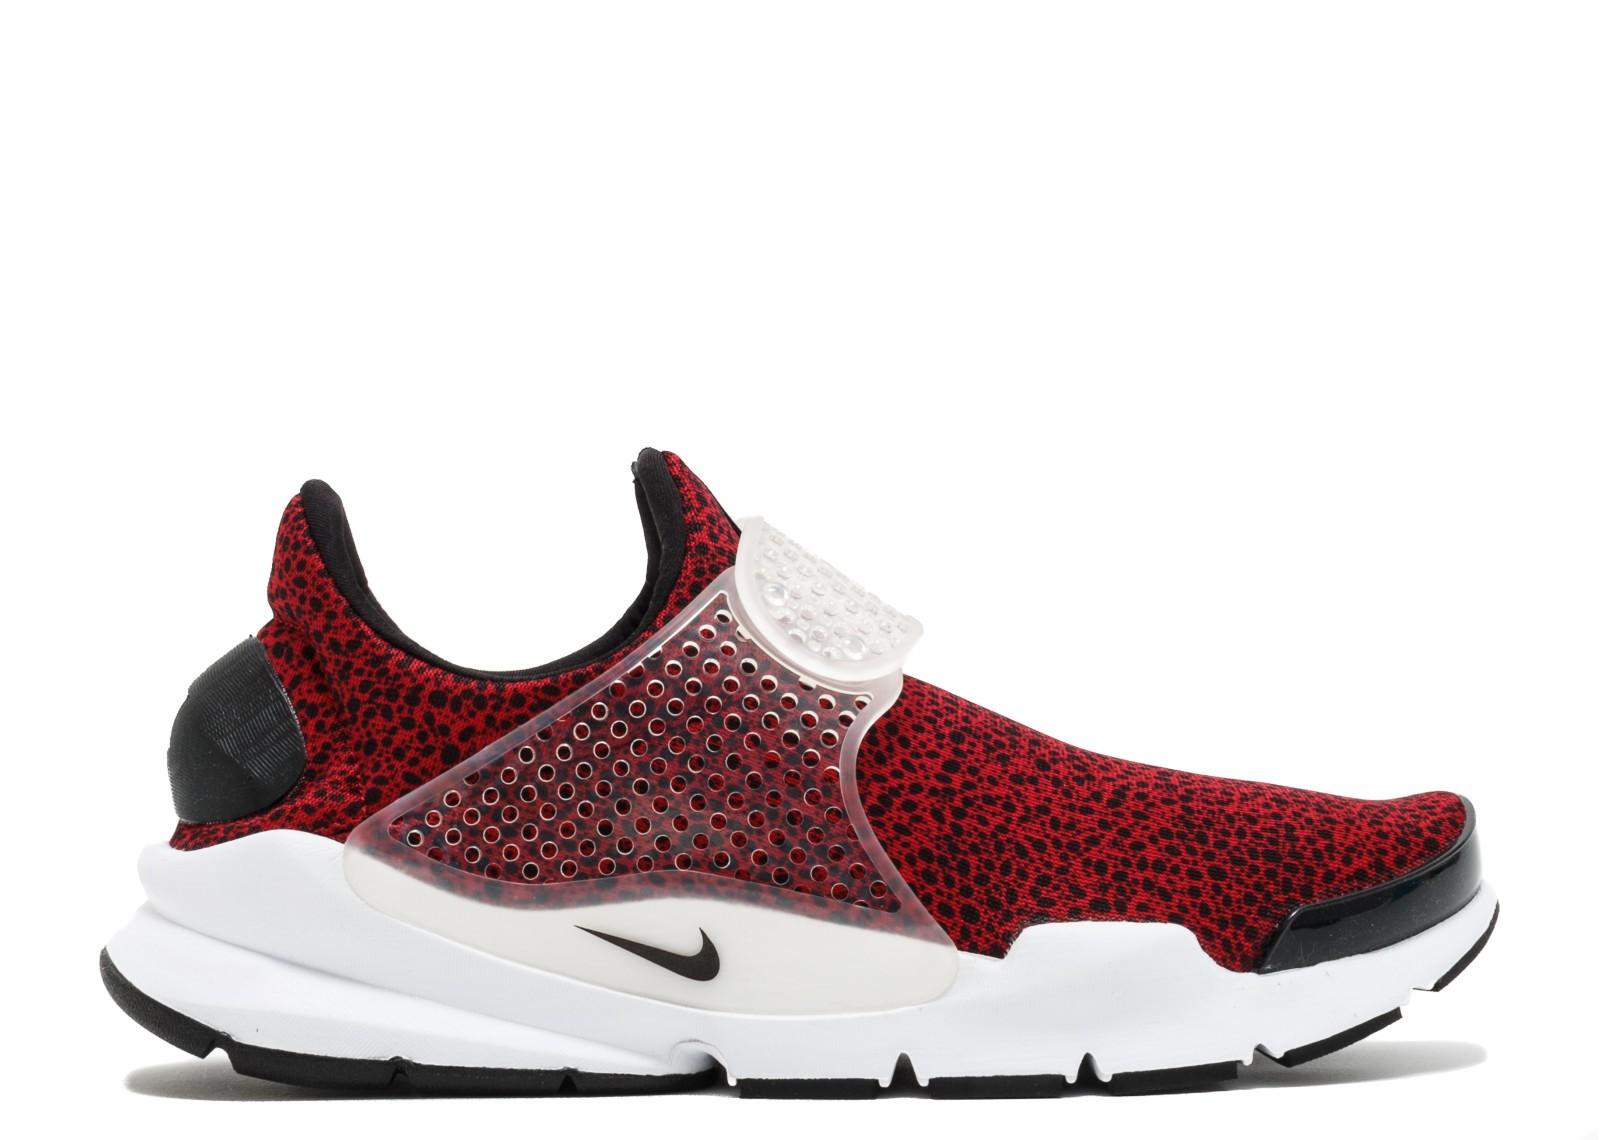 wholesale dealer 2e92c 268c7 Nike Sock Dart Qs Safari Pack Gym Black White Red 942198-600